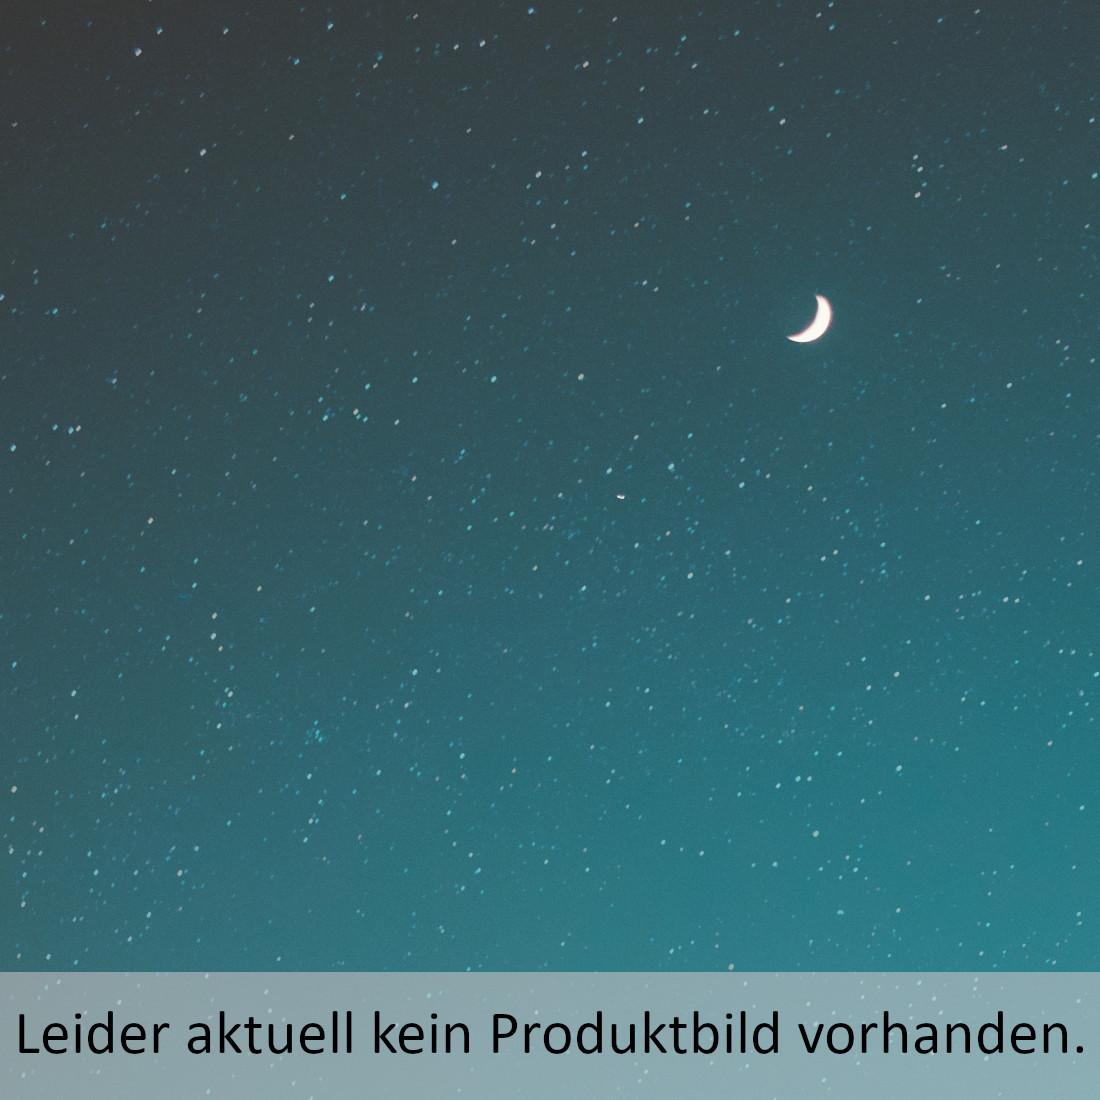 vergissmeinnicht 2019 - Der Familienkalender für Hand und Wand Brudereck, Katharina/Schmidt, Silke 9783761565094